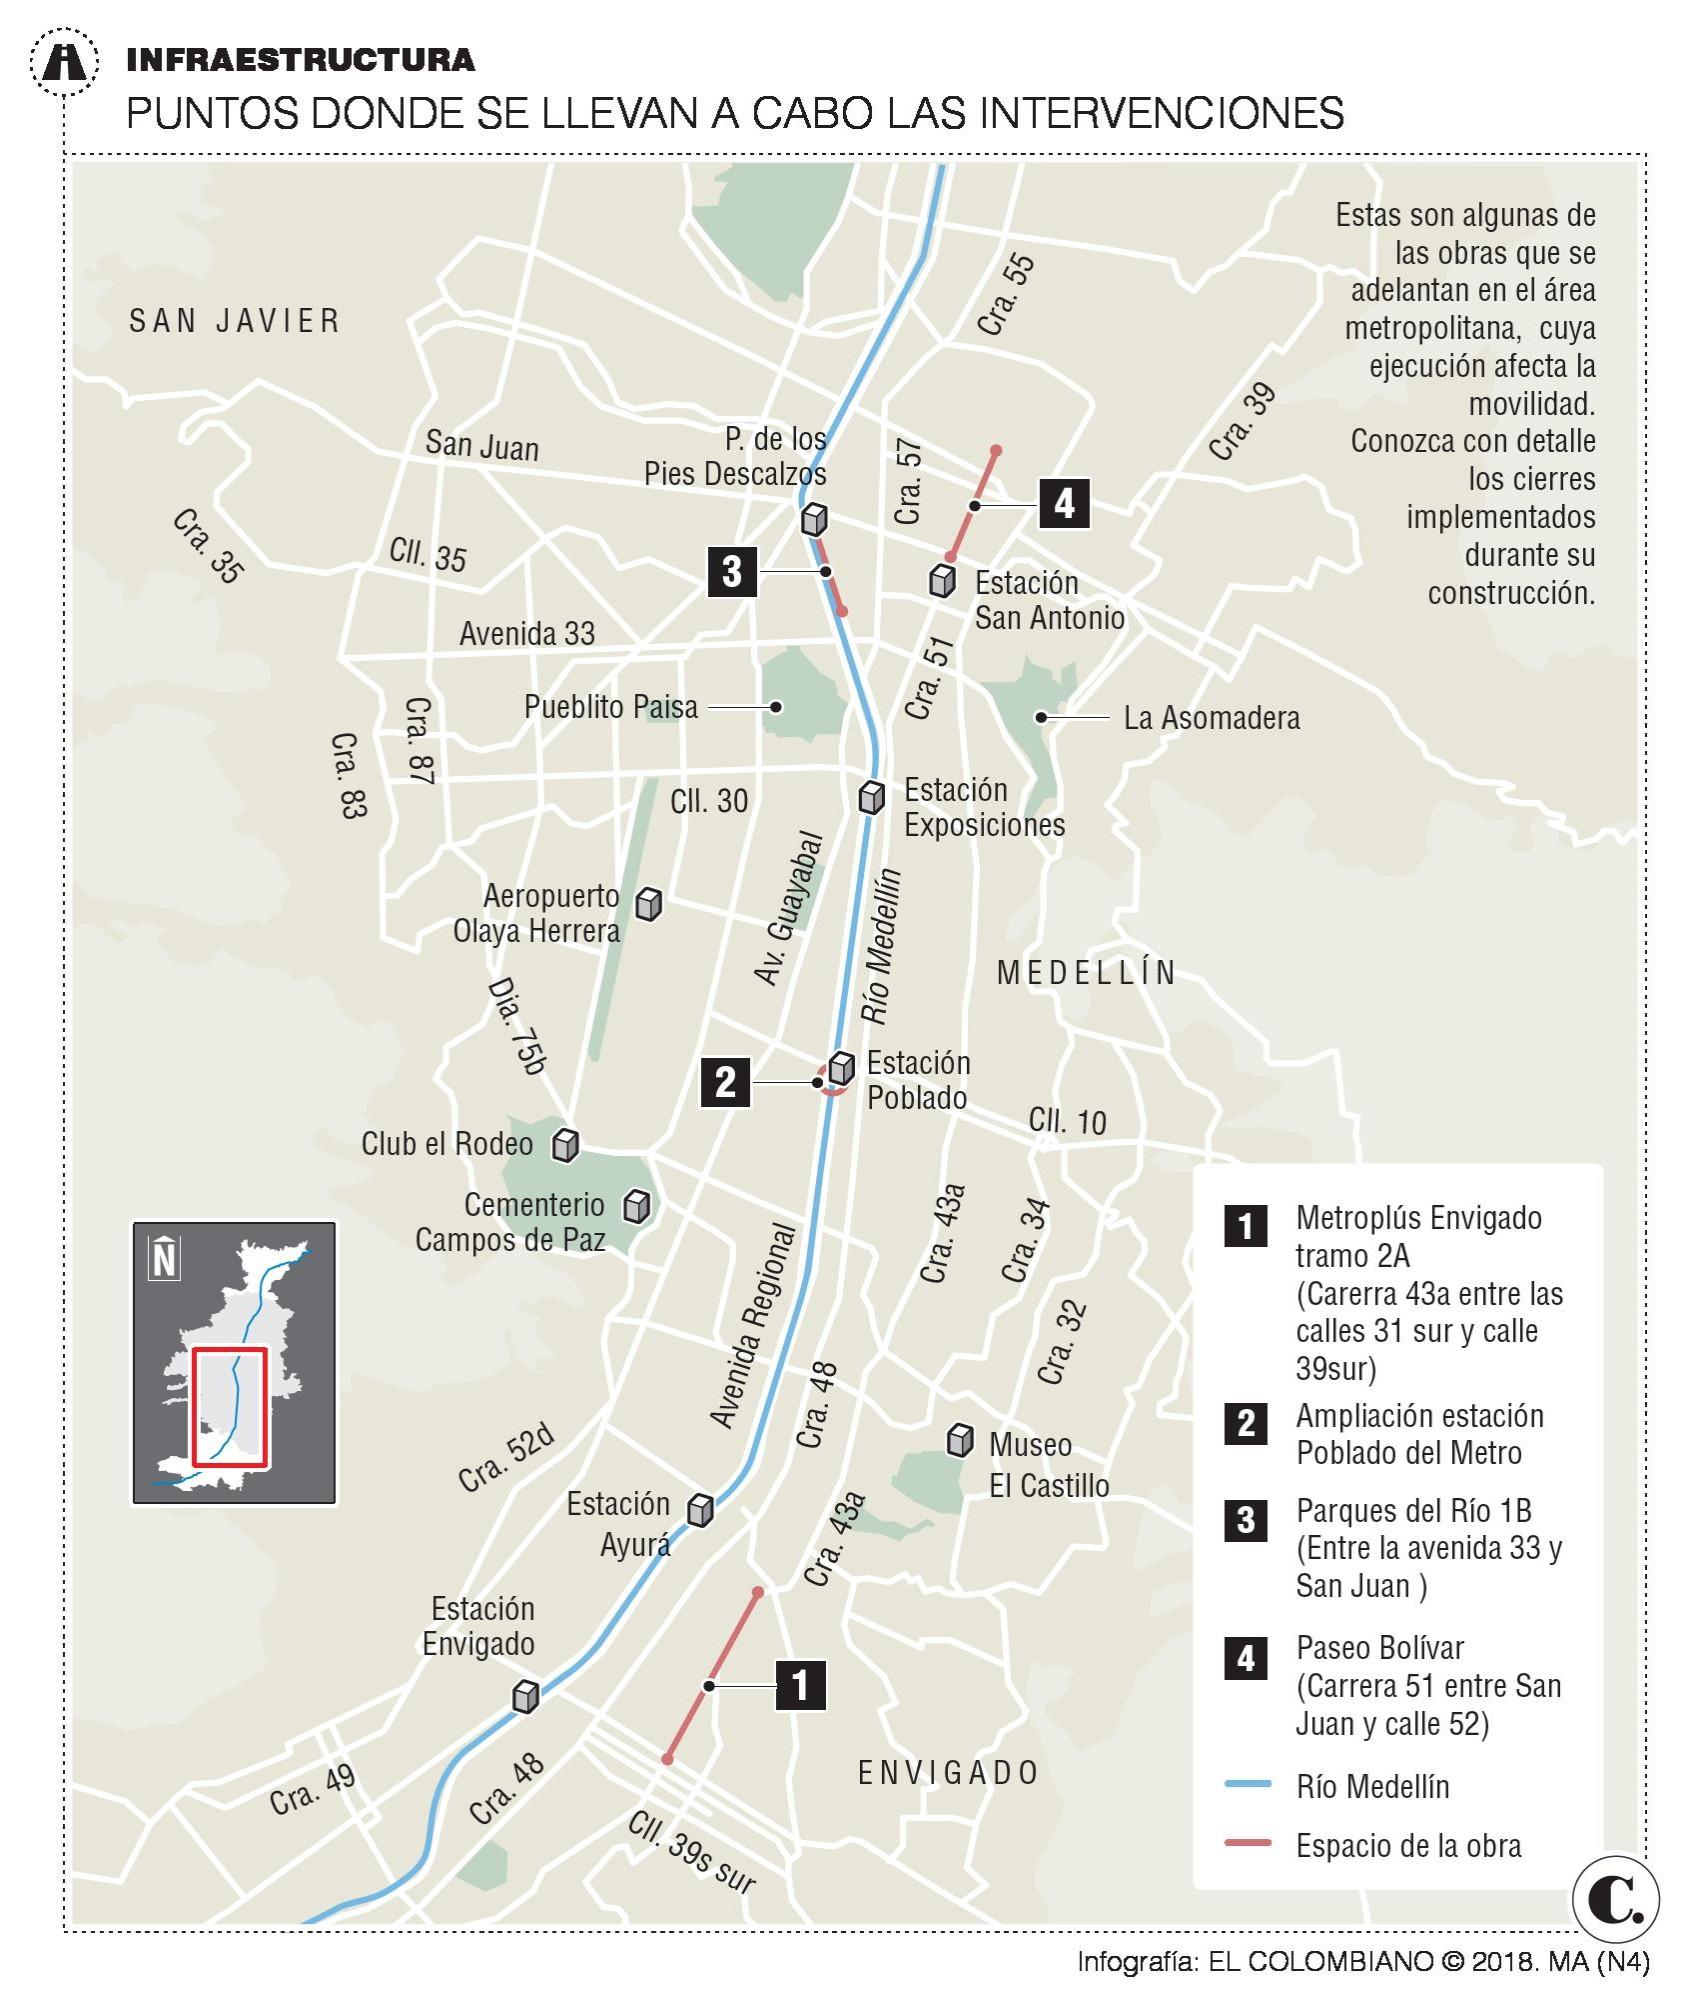 Obras viales en Medellín y el Valle de Aburrá